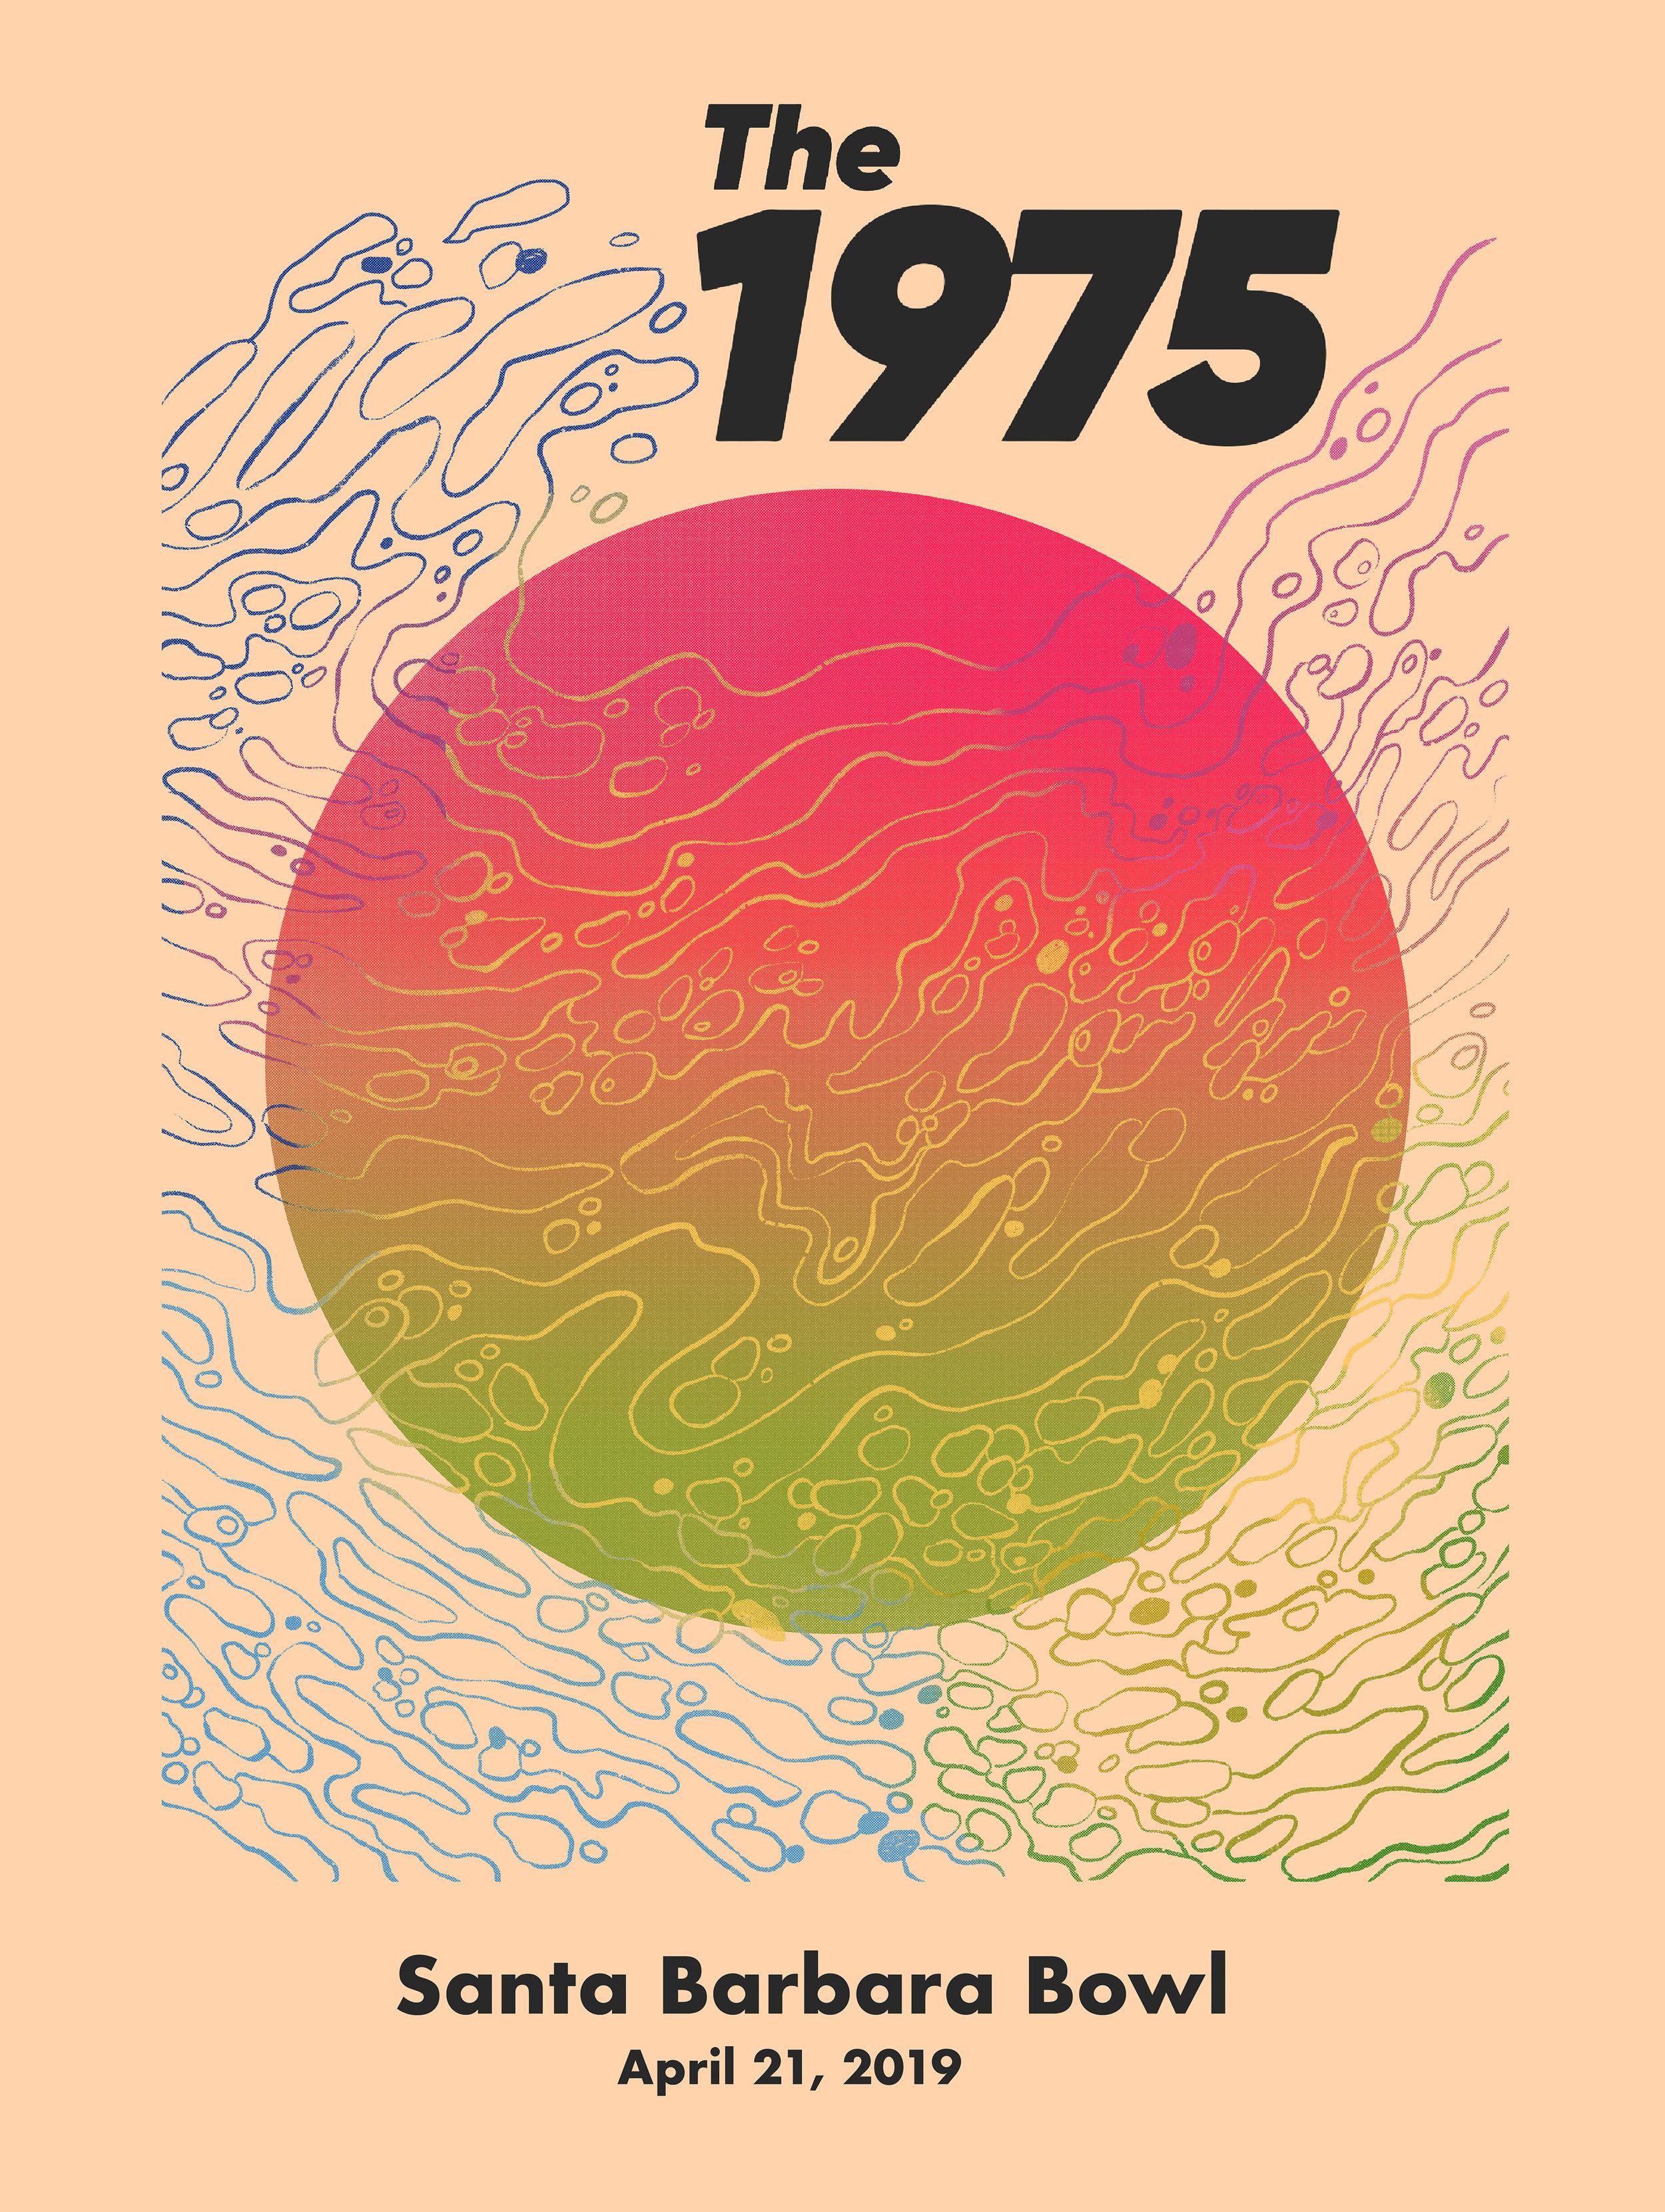 The 1975, Santa Barbara Bowl show poster